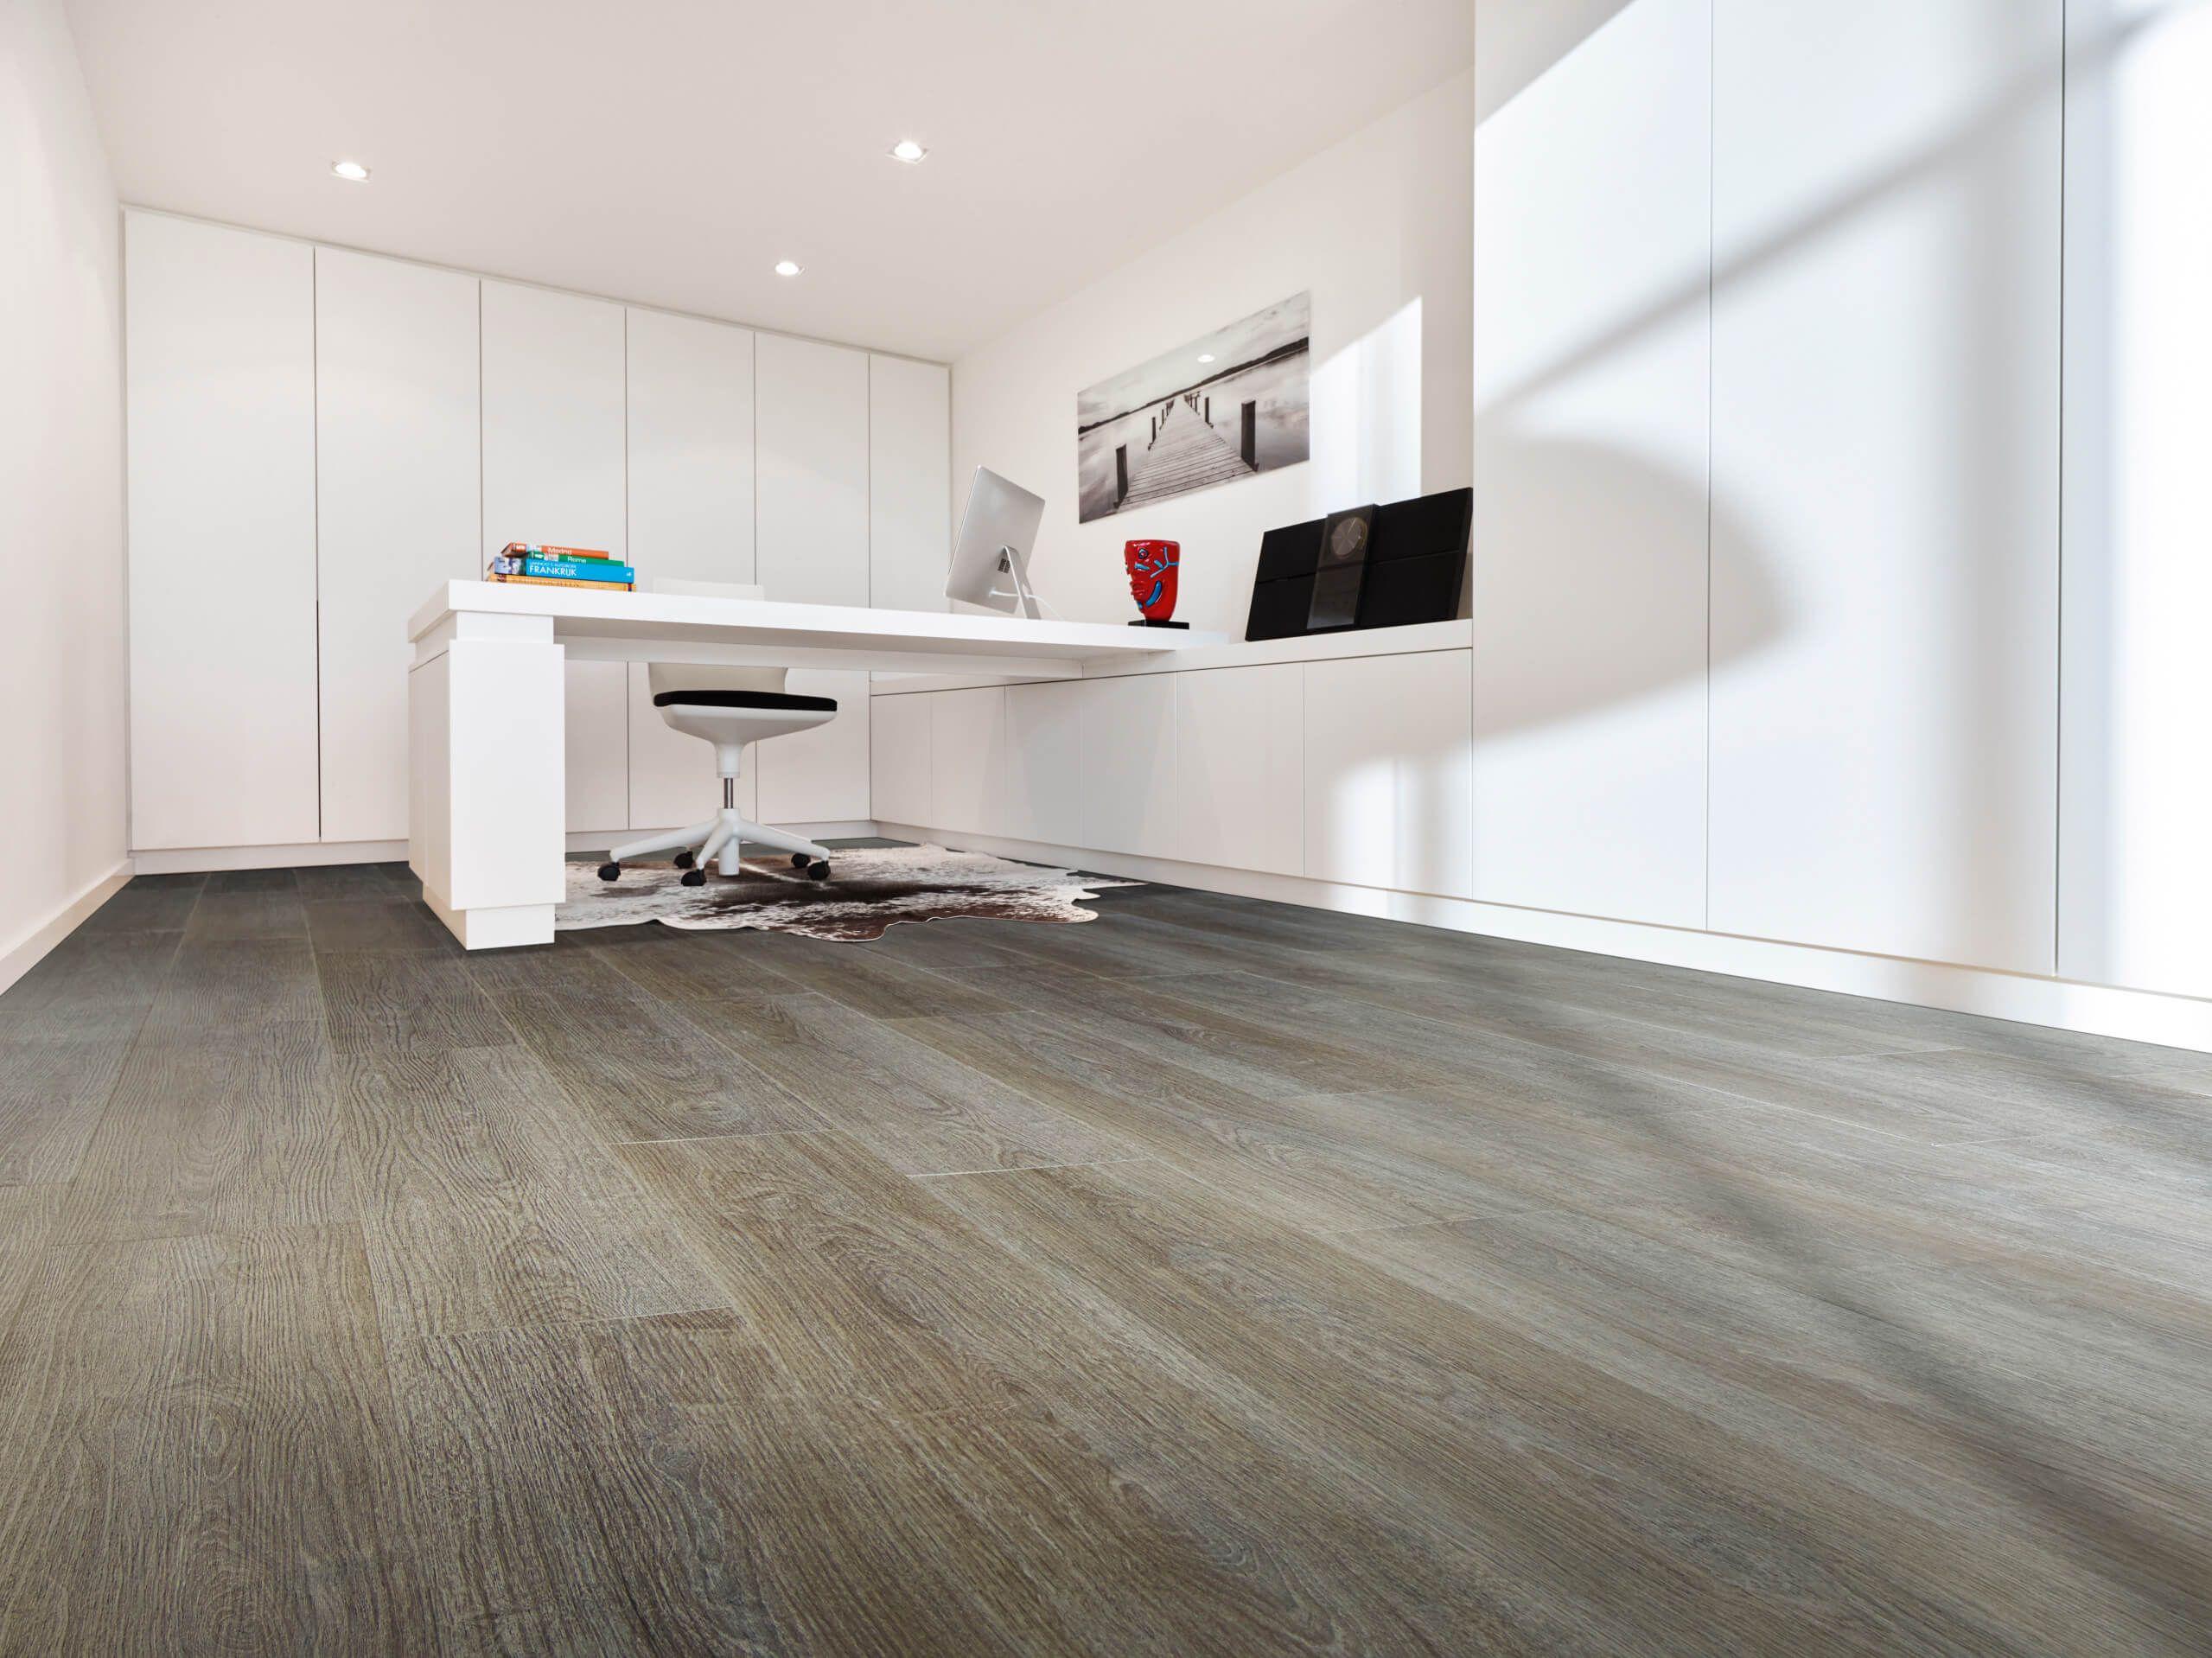 office tile flooring. Image Result For Office Flooring Tile C